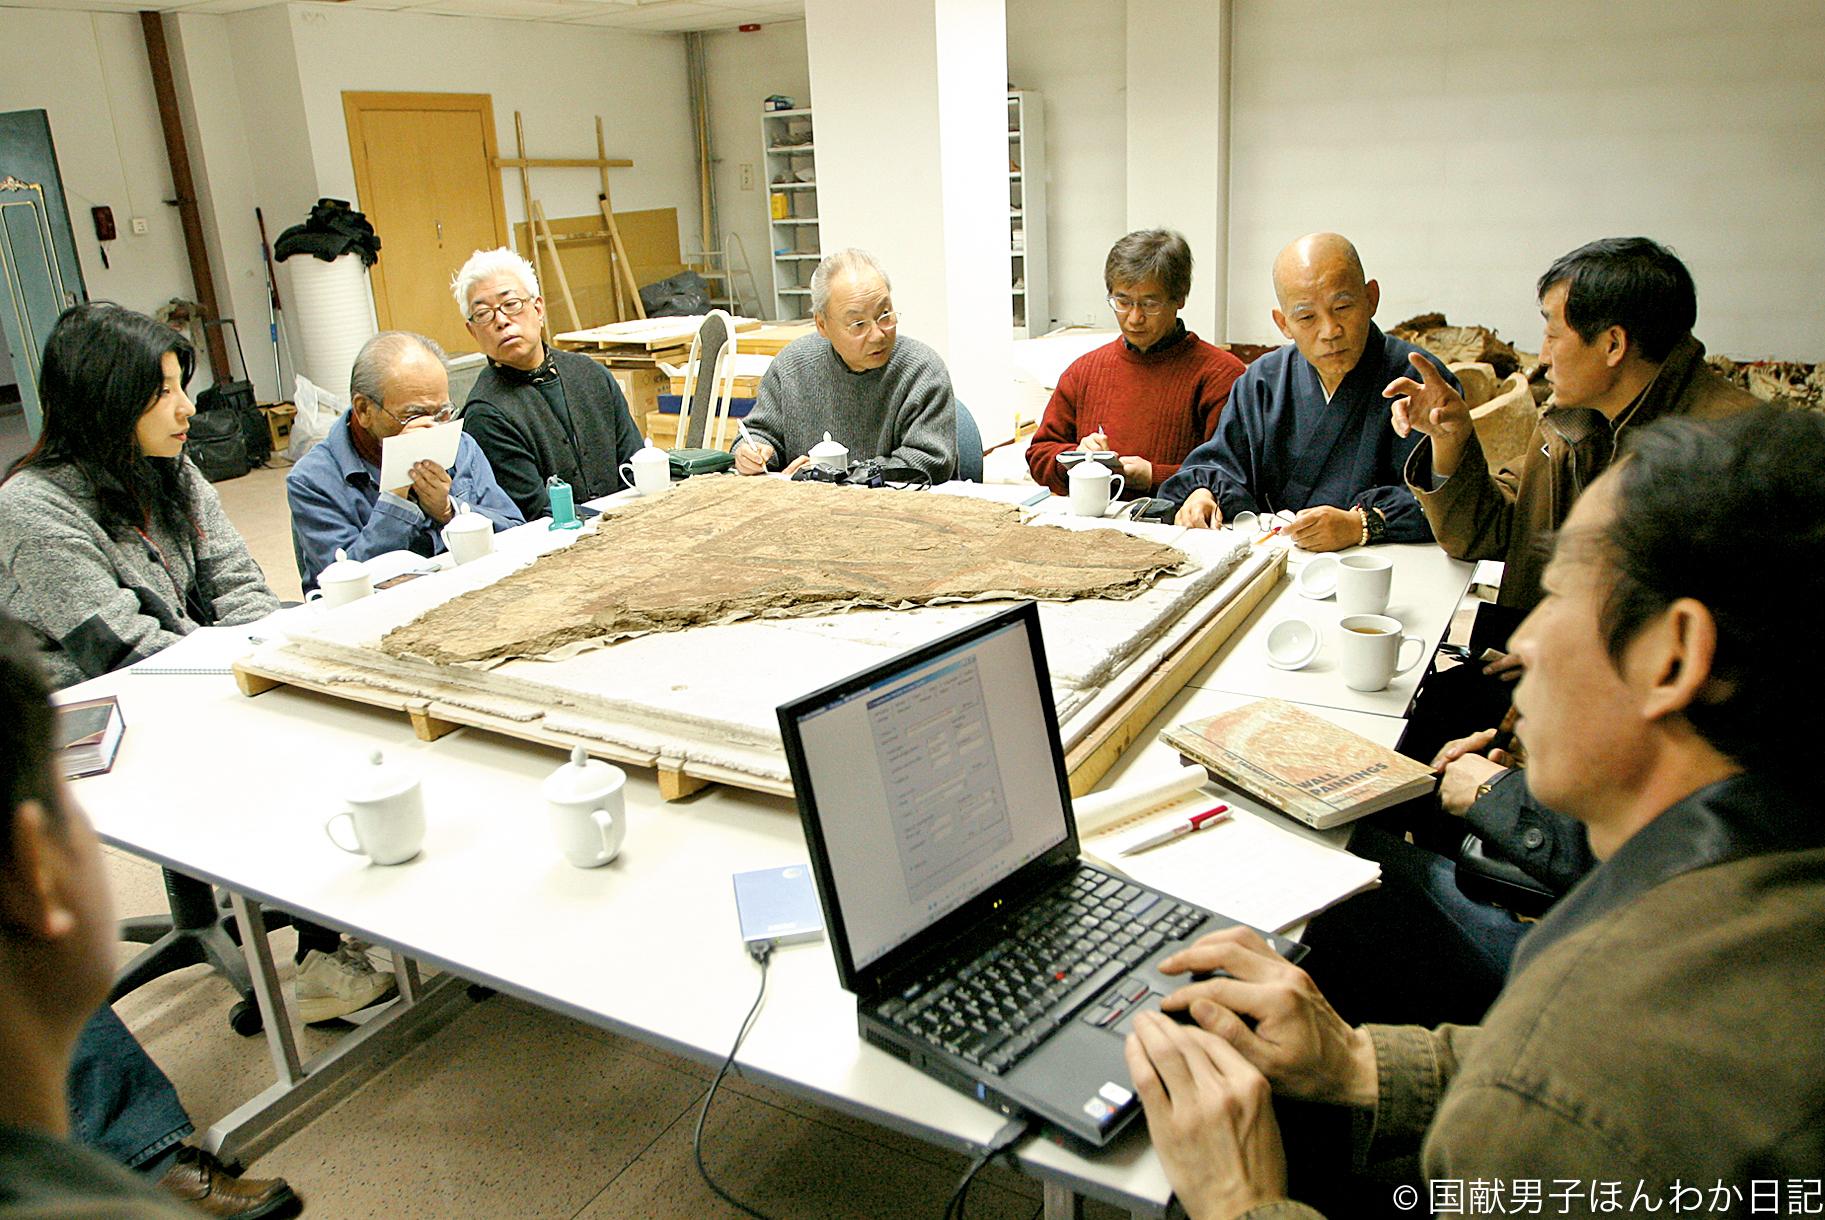 日中双方によるダンダンウイリク遺跡壁画保護の打ち合わせ(撮影:新疆文物考古研究所)